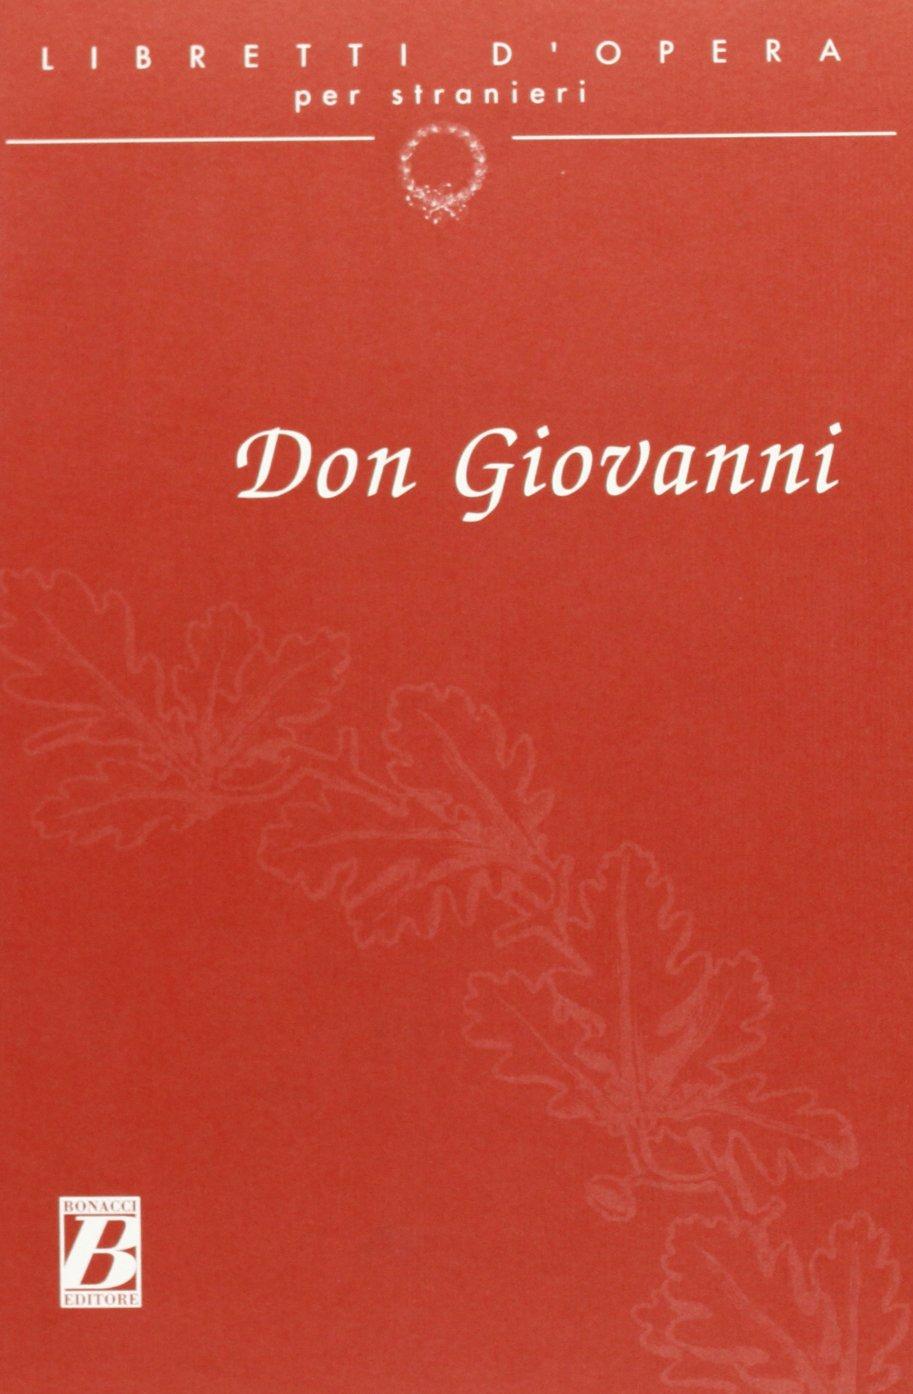 Don Giovanni. Dramma giocoso in due atti Copertina flessibile – 1 gen 1997 Lorenzo Da Ponte A. Biguzzi Bonacci 8875733317